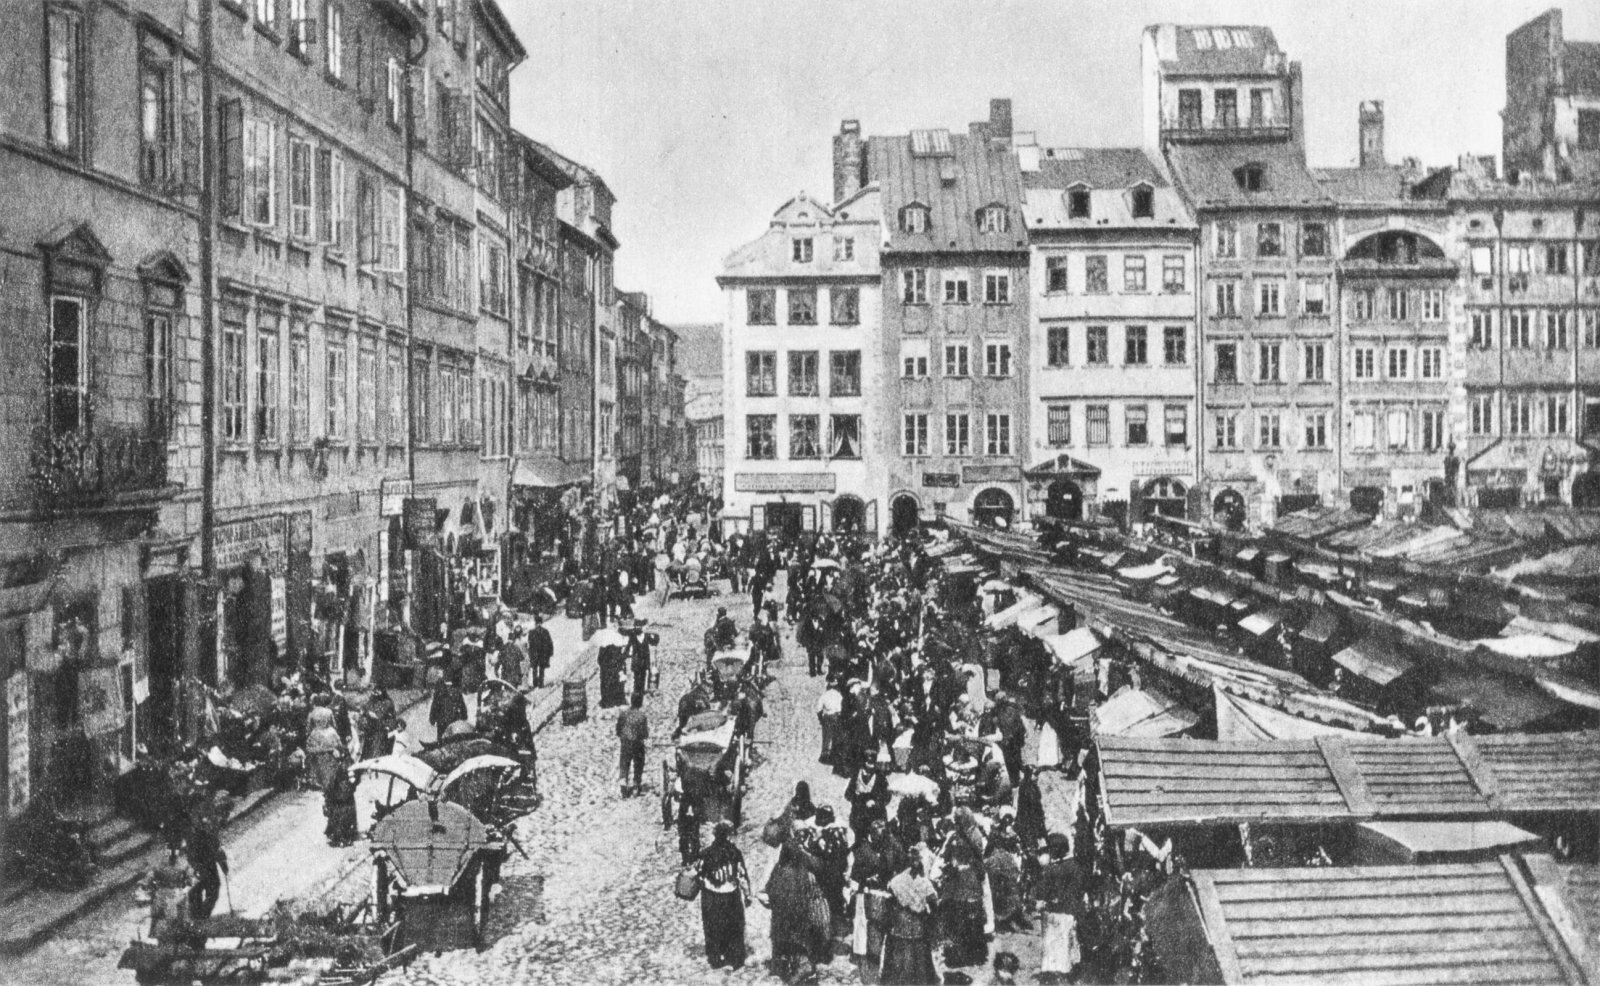 Ilustracja przedstawia rynek Starego Miasta wWarszawie. Jest to kwadratowy plac otoczony kamieniczkami. Na środku placu znajdują się liczne drobne stragany. Po rynku spaceruje bardzo dużo ludzi, jeżdżą również furmanki zaprzężone wkonie.